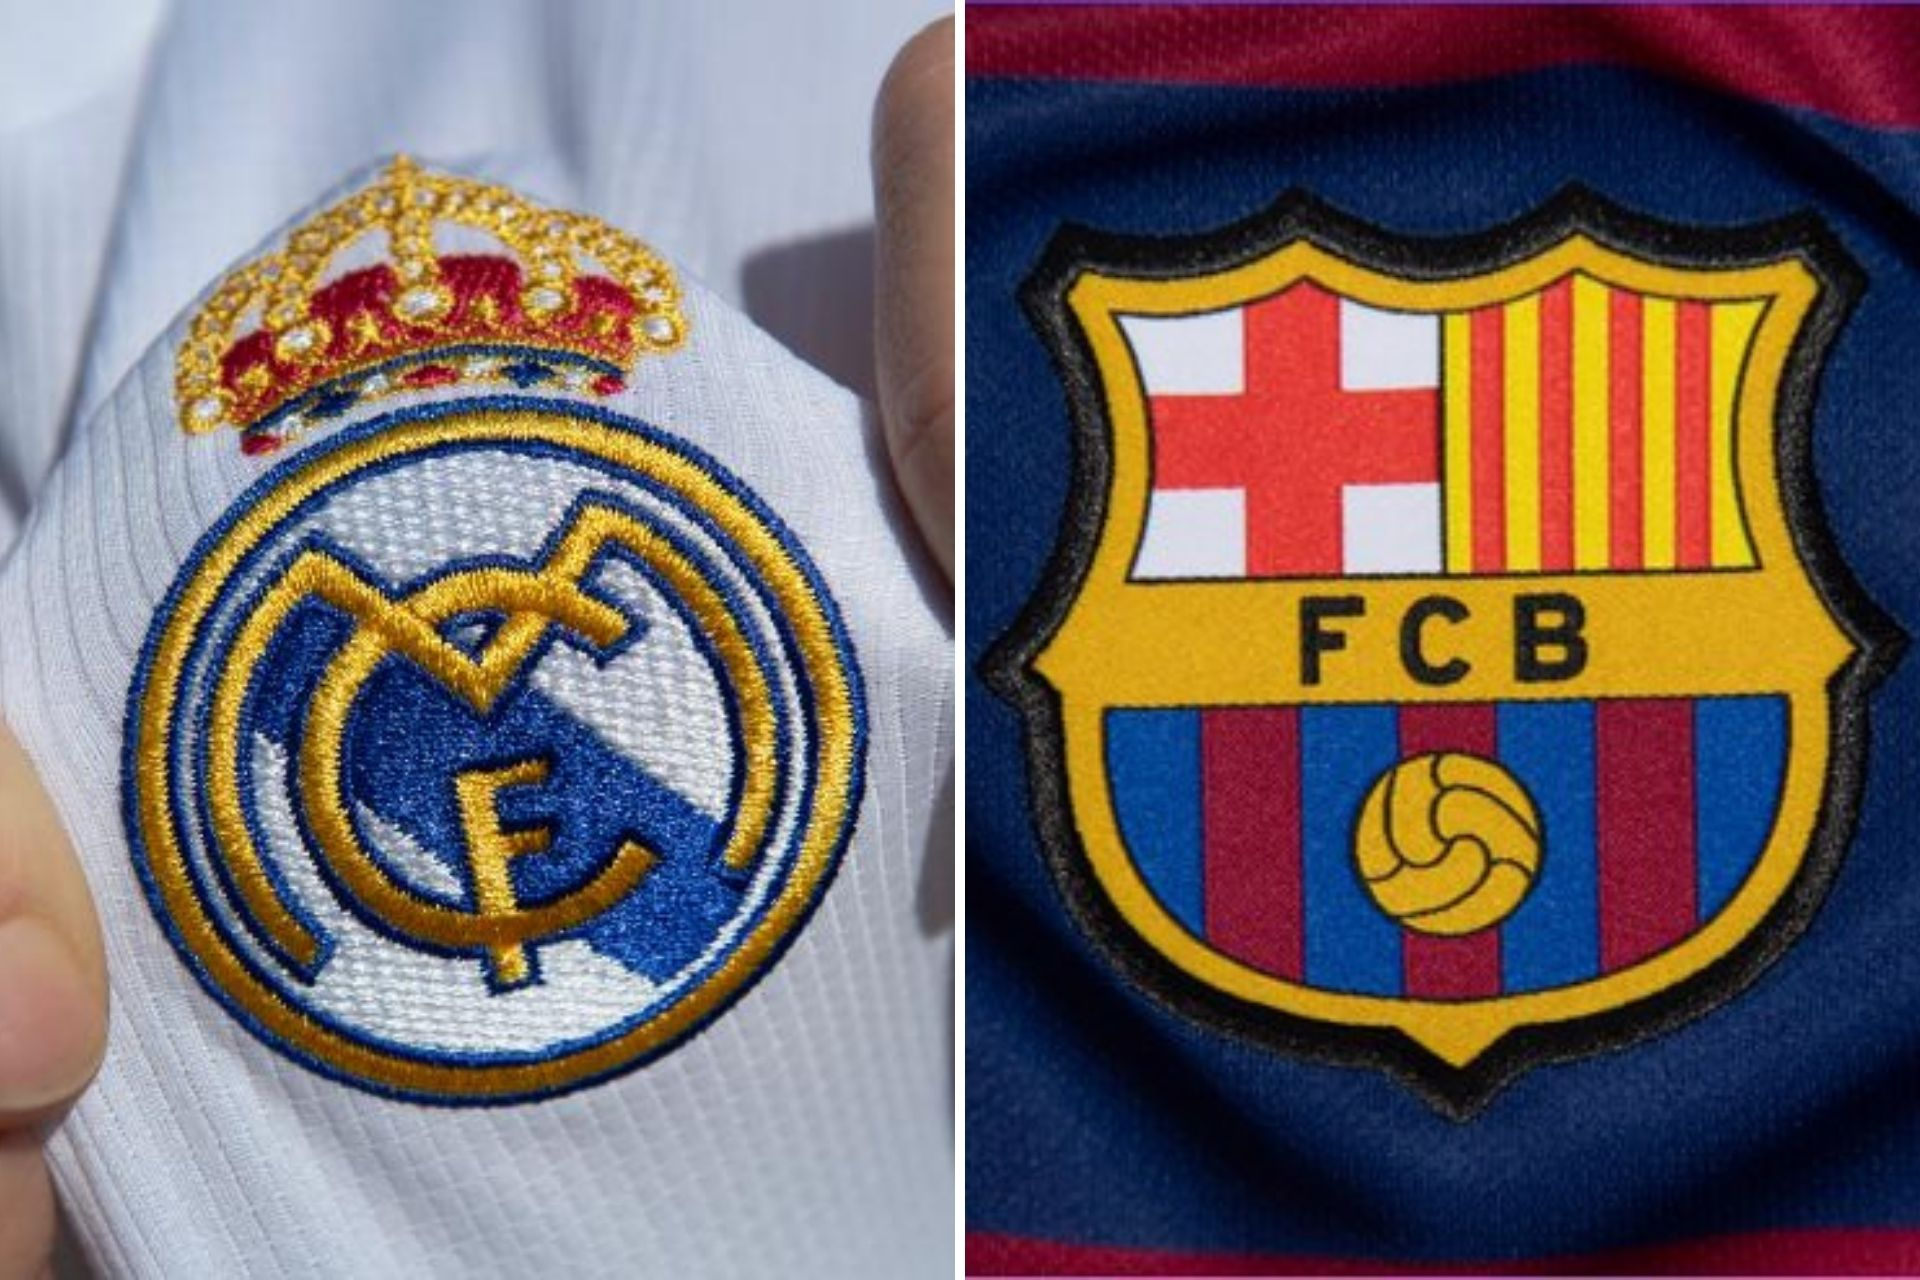 Real Madrid y FC Barcelona, un clásico del fútbol entre dos equipos que apuestan por la tecnología blockchain y los NFT